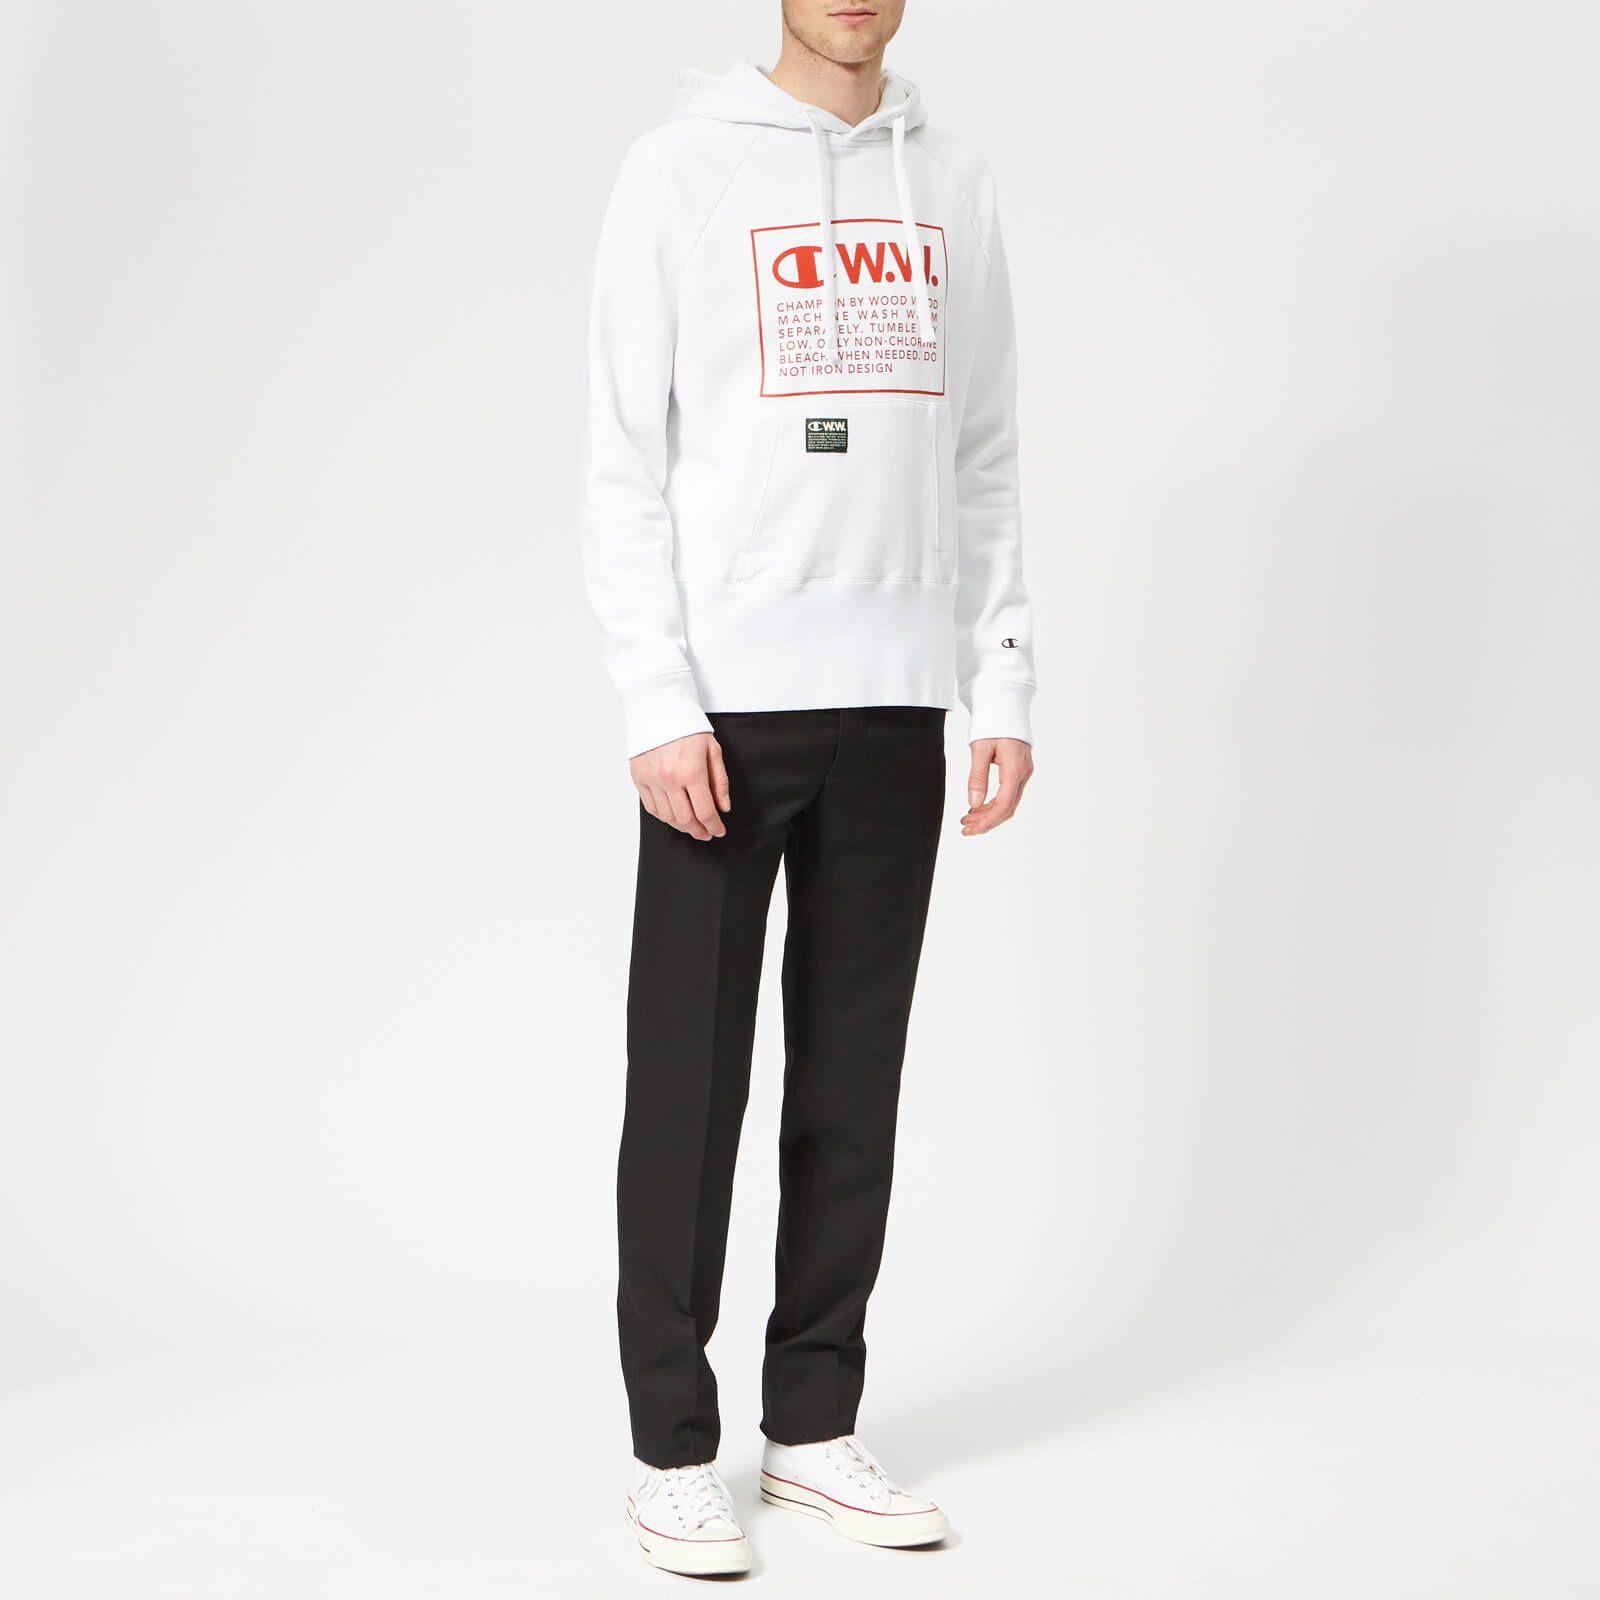 viele möglichkeiten Großhandelsverkauf günstig Champion X WOOD WOOD Men's Hooded Sweatshirt - White in 2019 ...